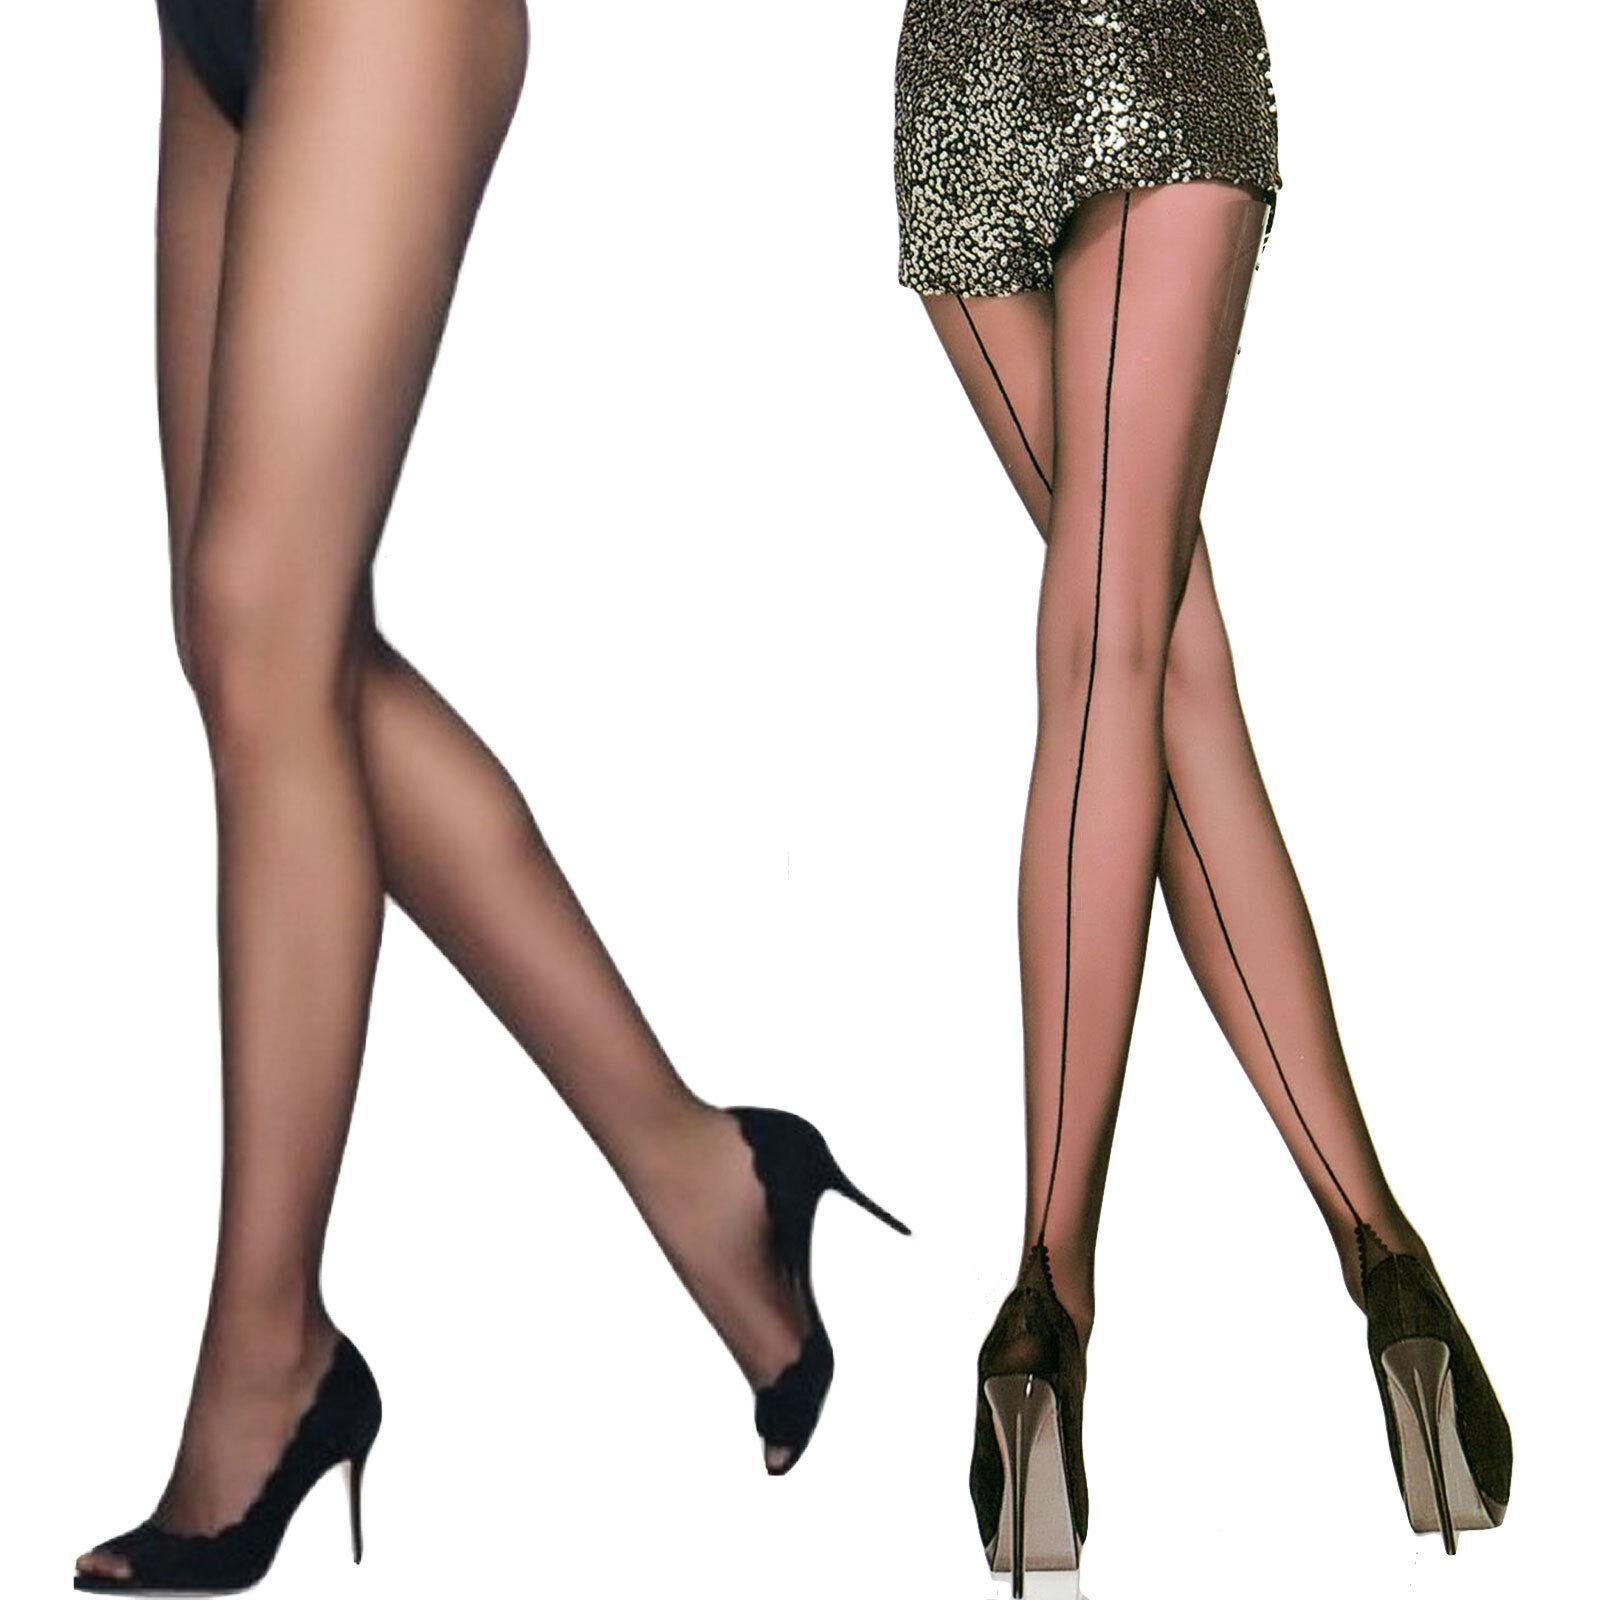 Collant donna calze nere velate riga dietro nera nuove 20 ...